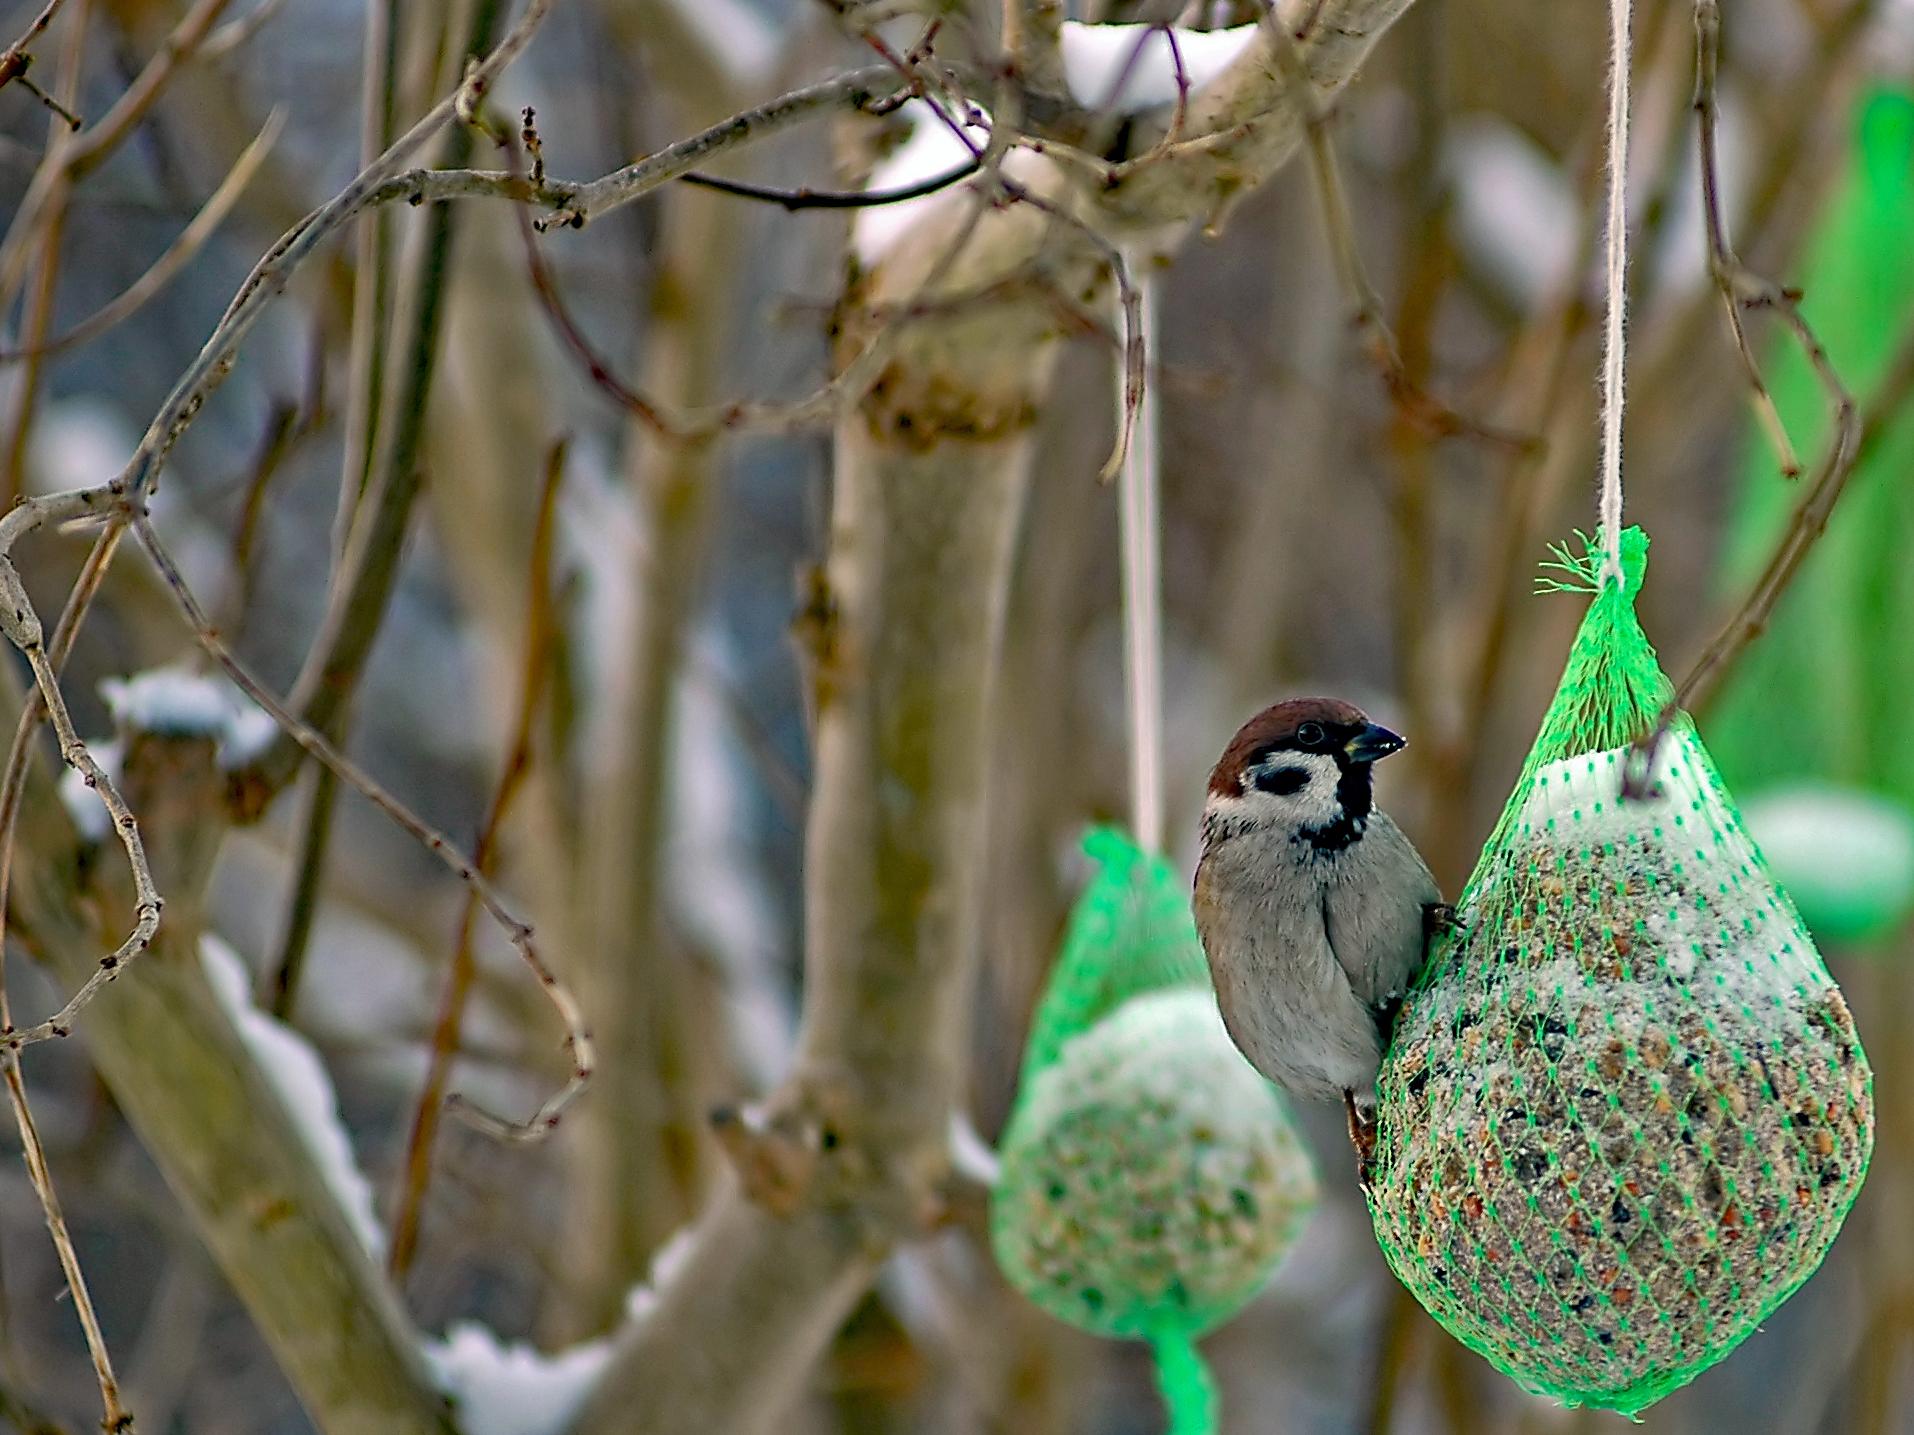 Pilfink vid matstället i vår trädgård 26 jan. 2006 036